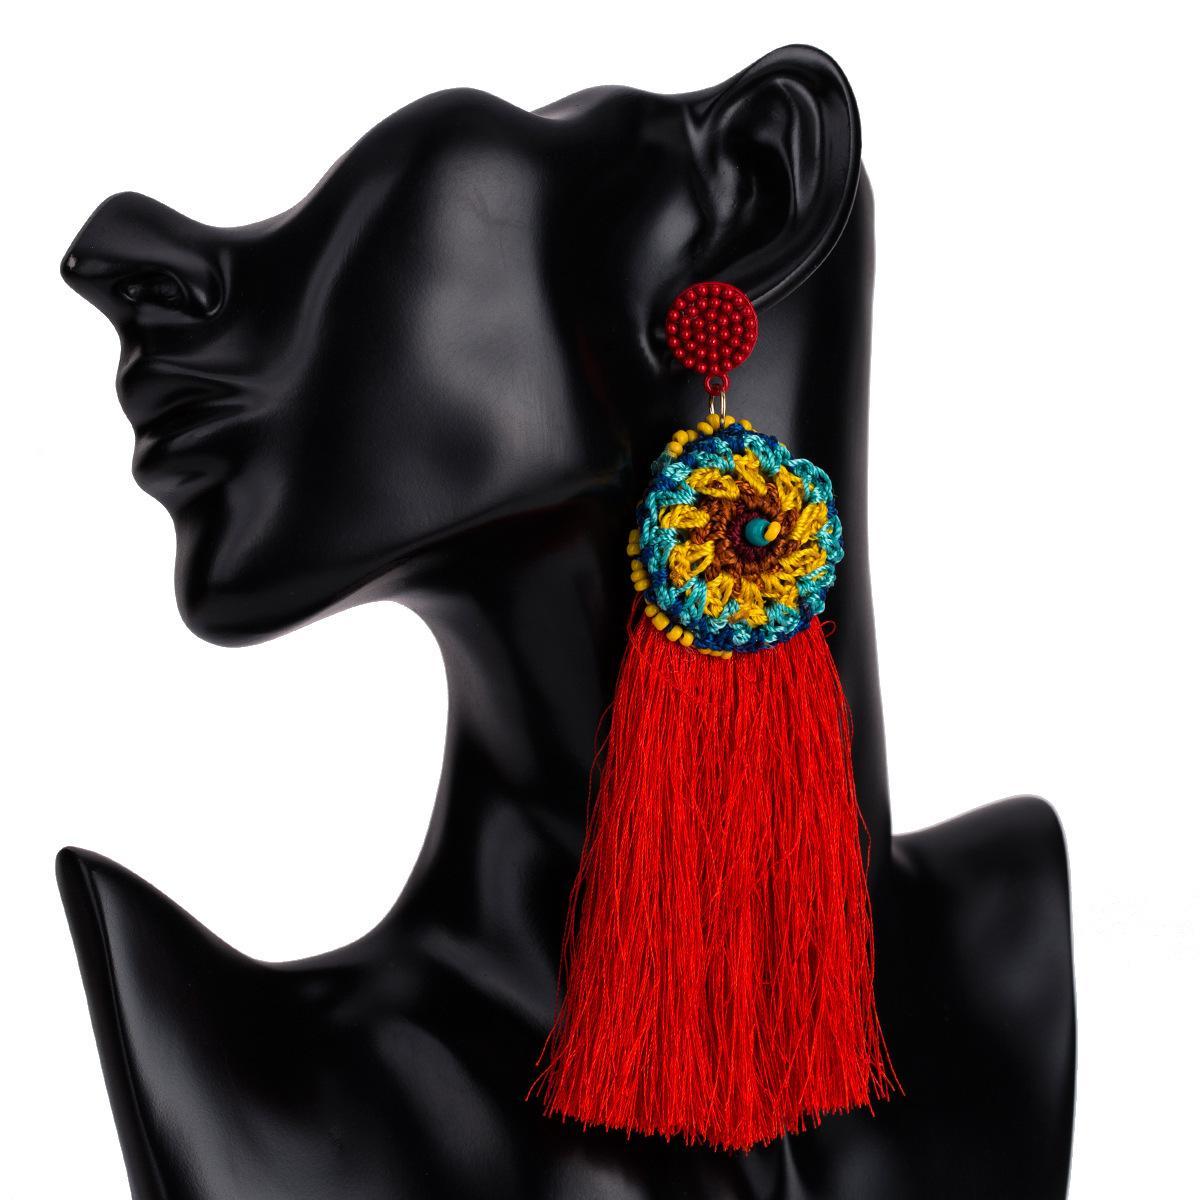 7 Cores de Design Da Marca Bohemian Tassel Brincos Para As Mulheres-Longas Borlas Declaração Brincos-Moda Big Dangle Brinco Jóias Boho